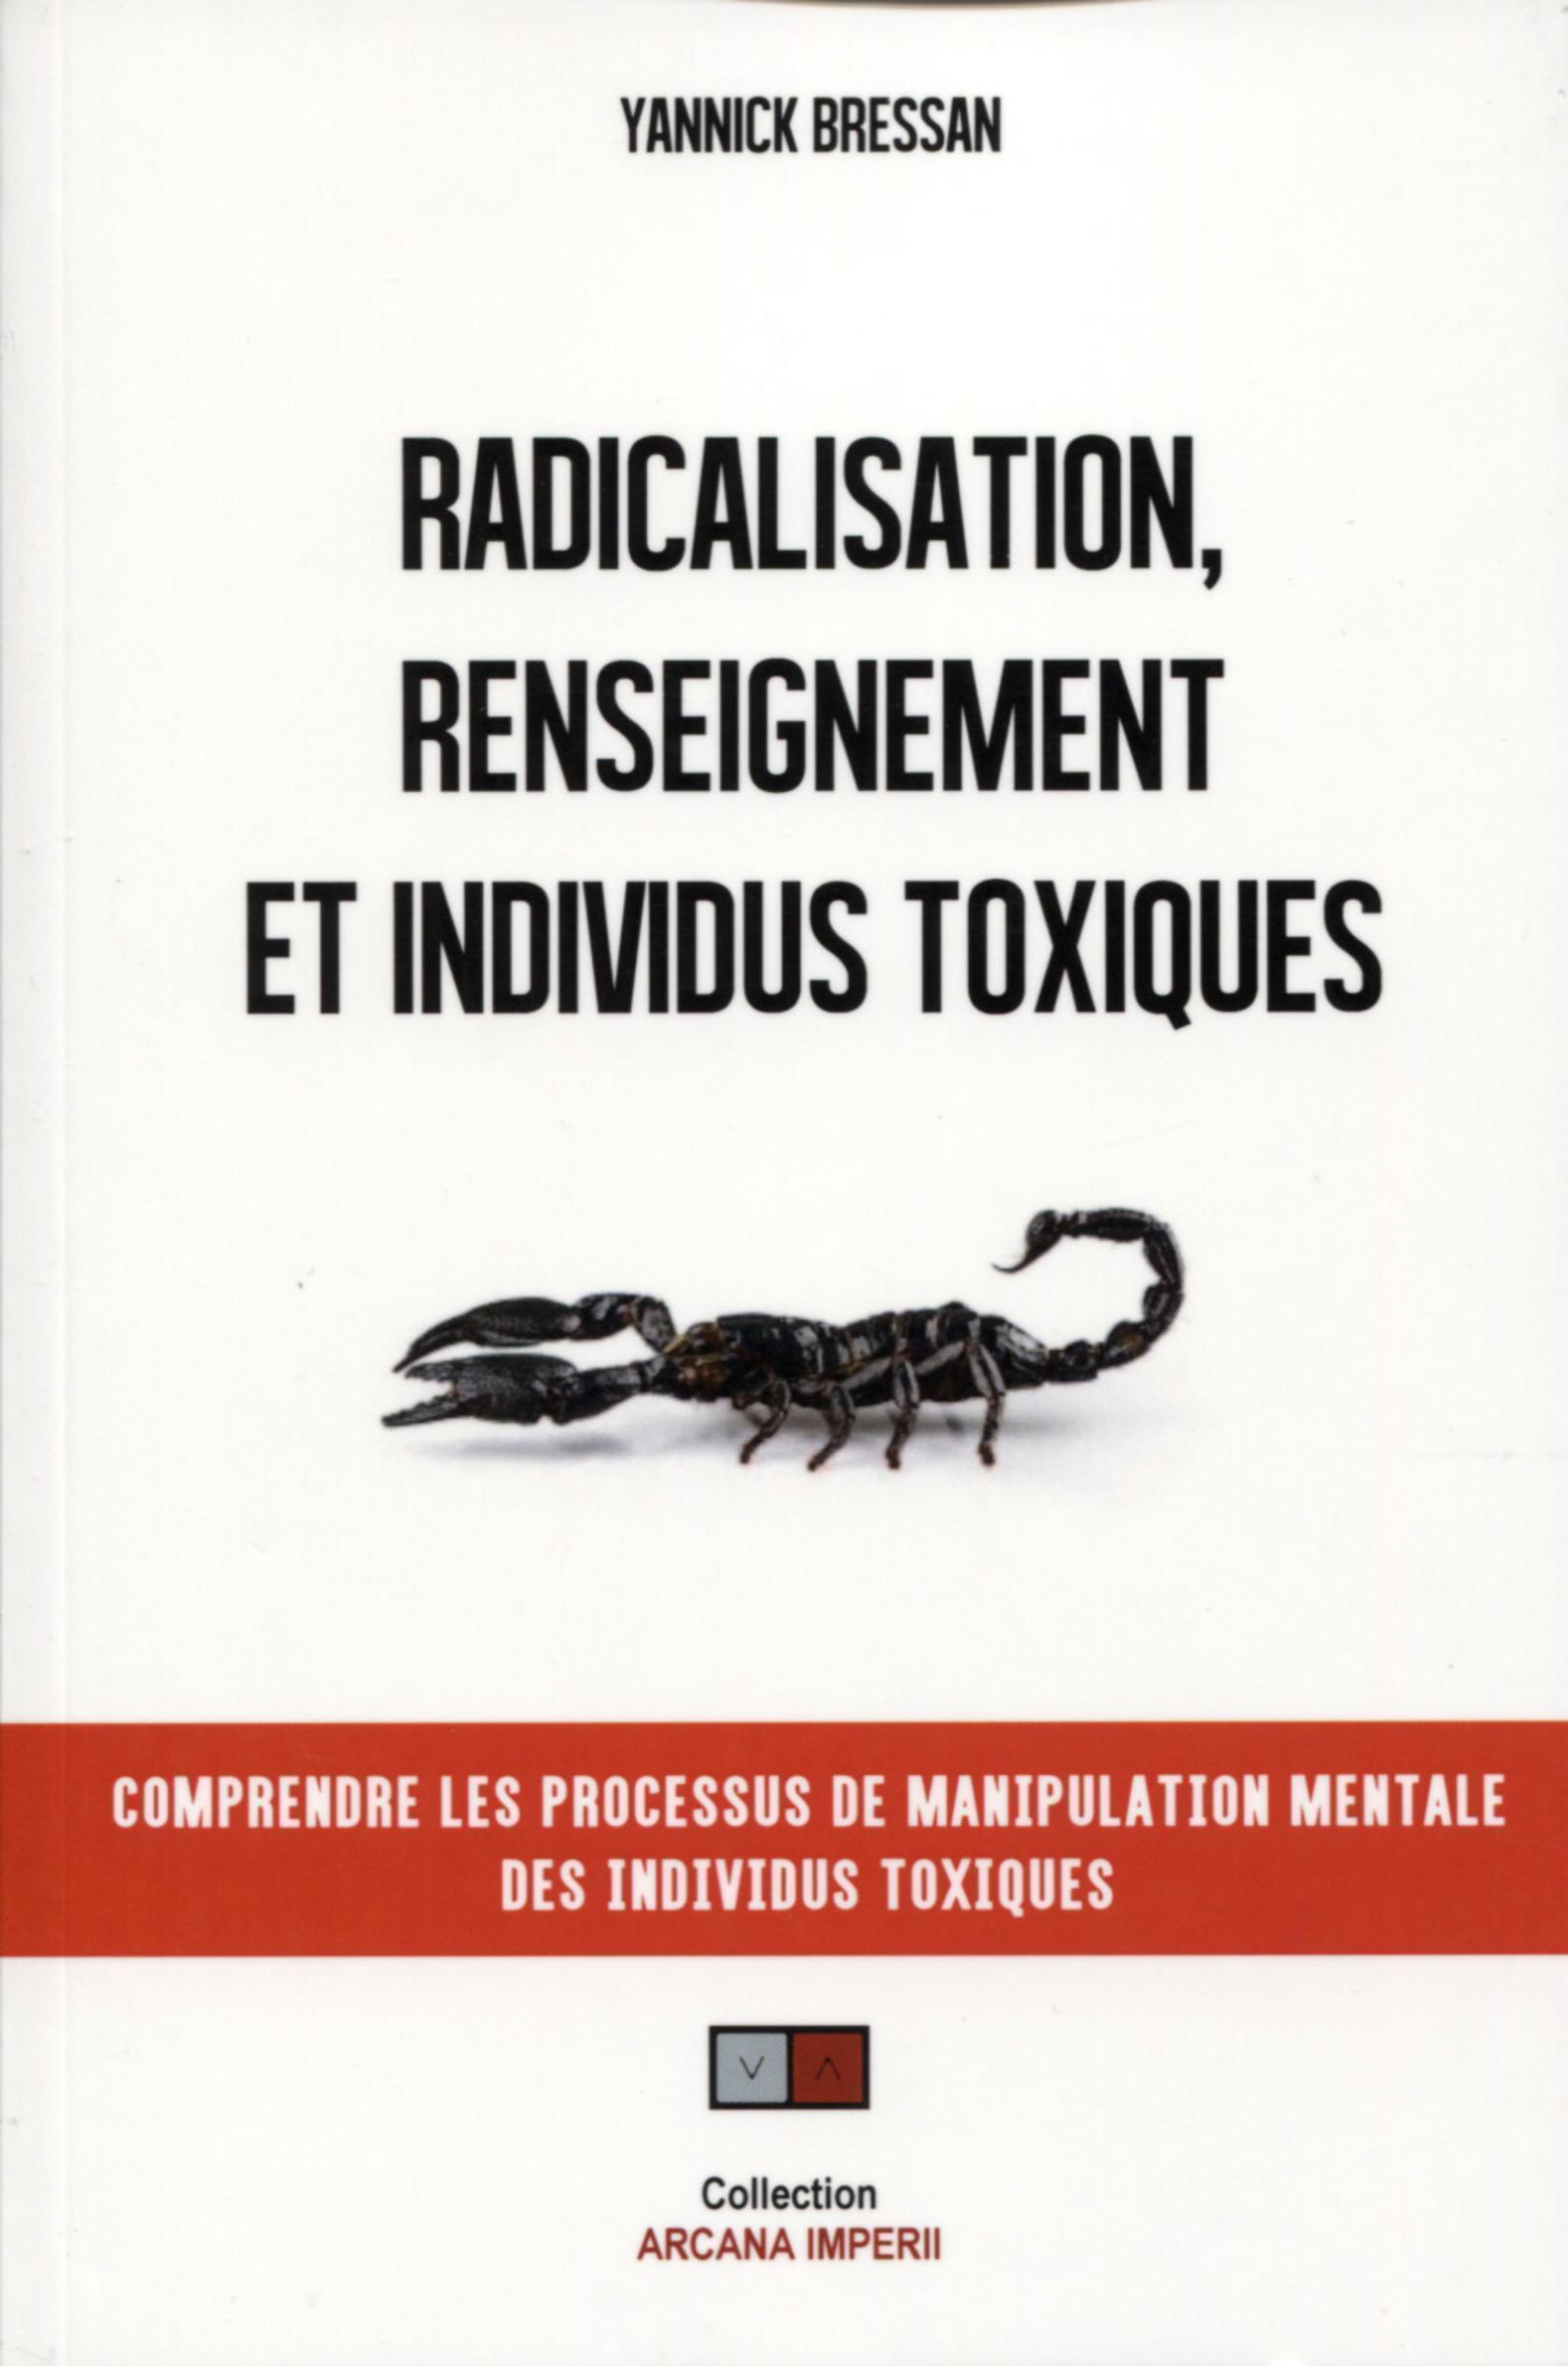 RADICALISATION, RENSEIGNEMENT ET INDIVIDUS TOXIQUES - COMPRENDRE LES PROCESSUS DE MANIPULATION MENTA